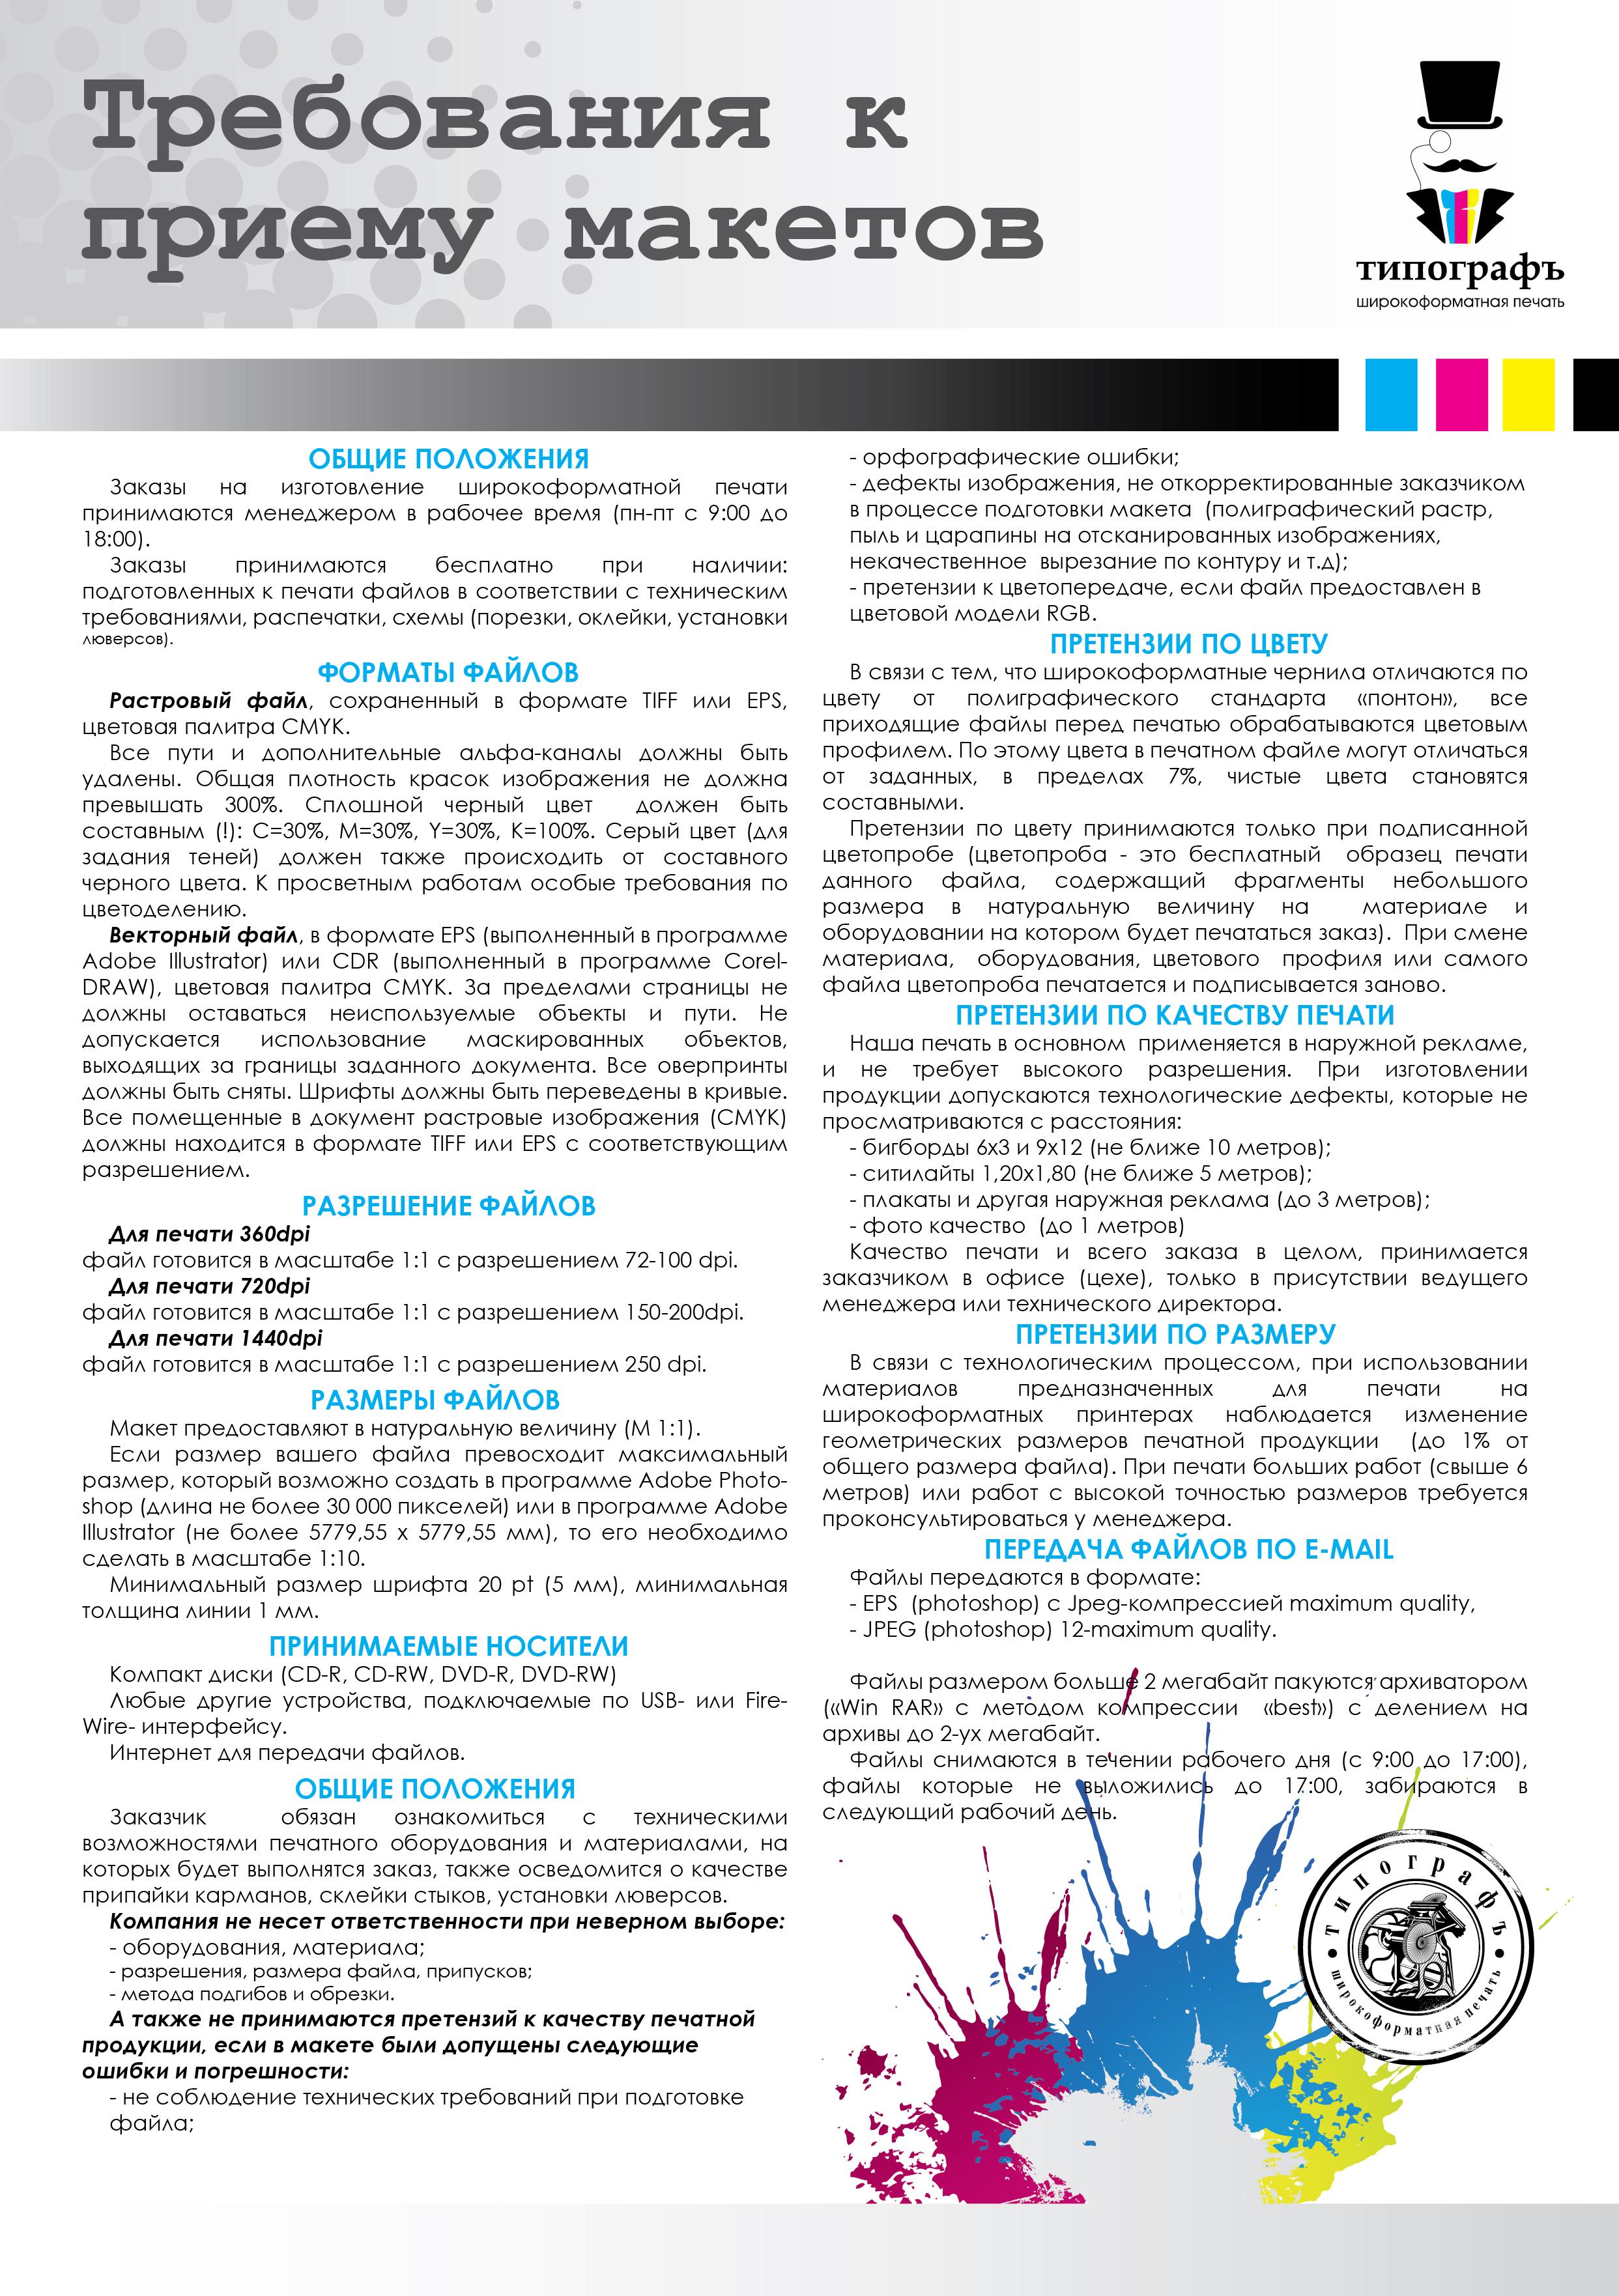 Типограф Днепропетровск - требования к печати